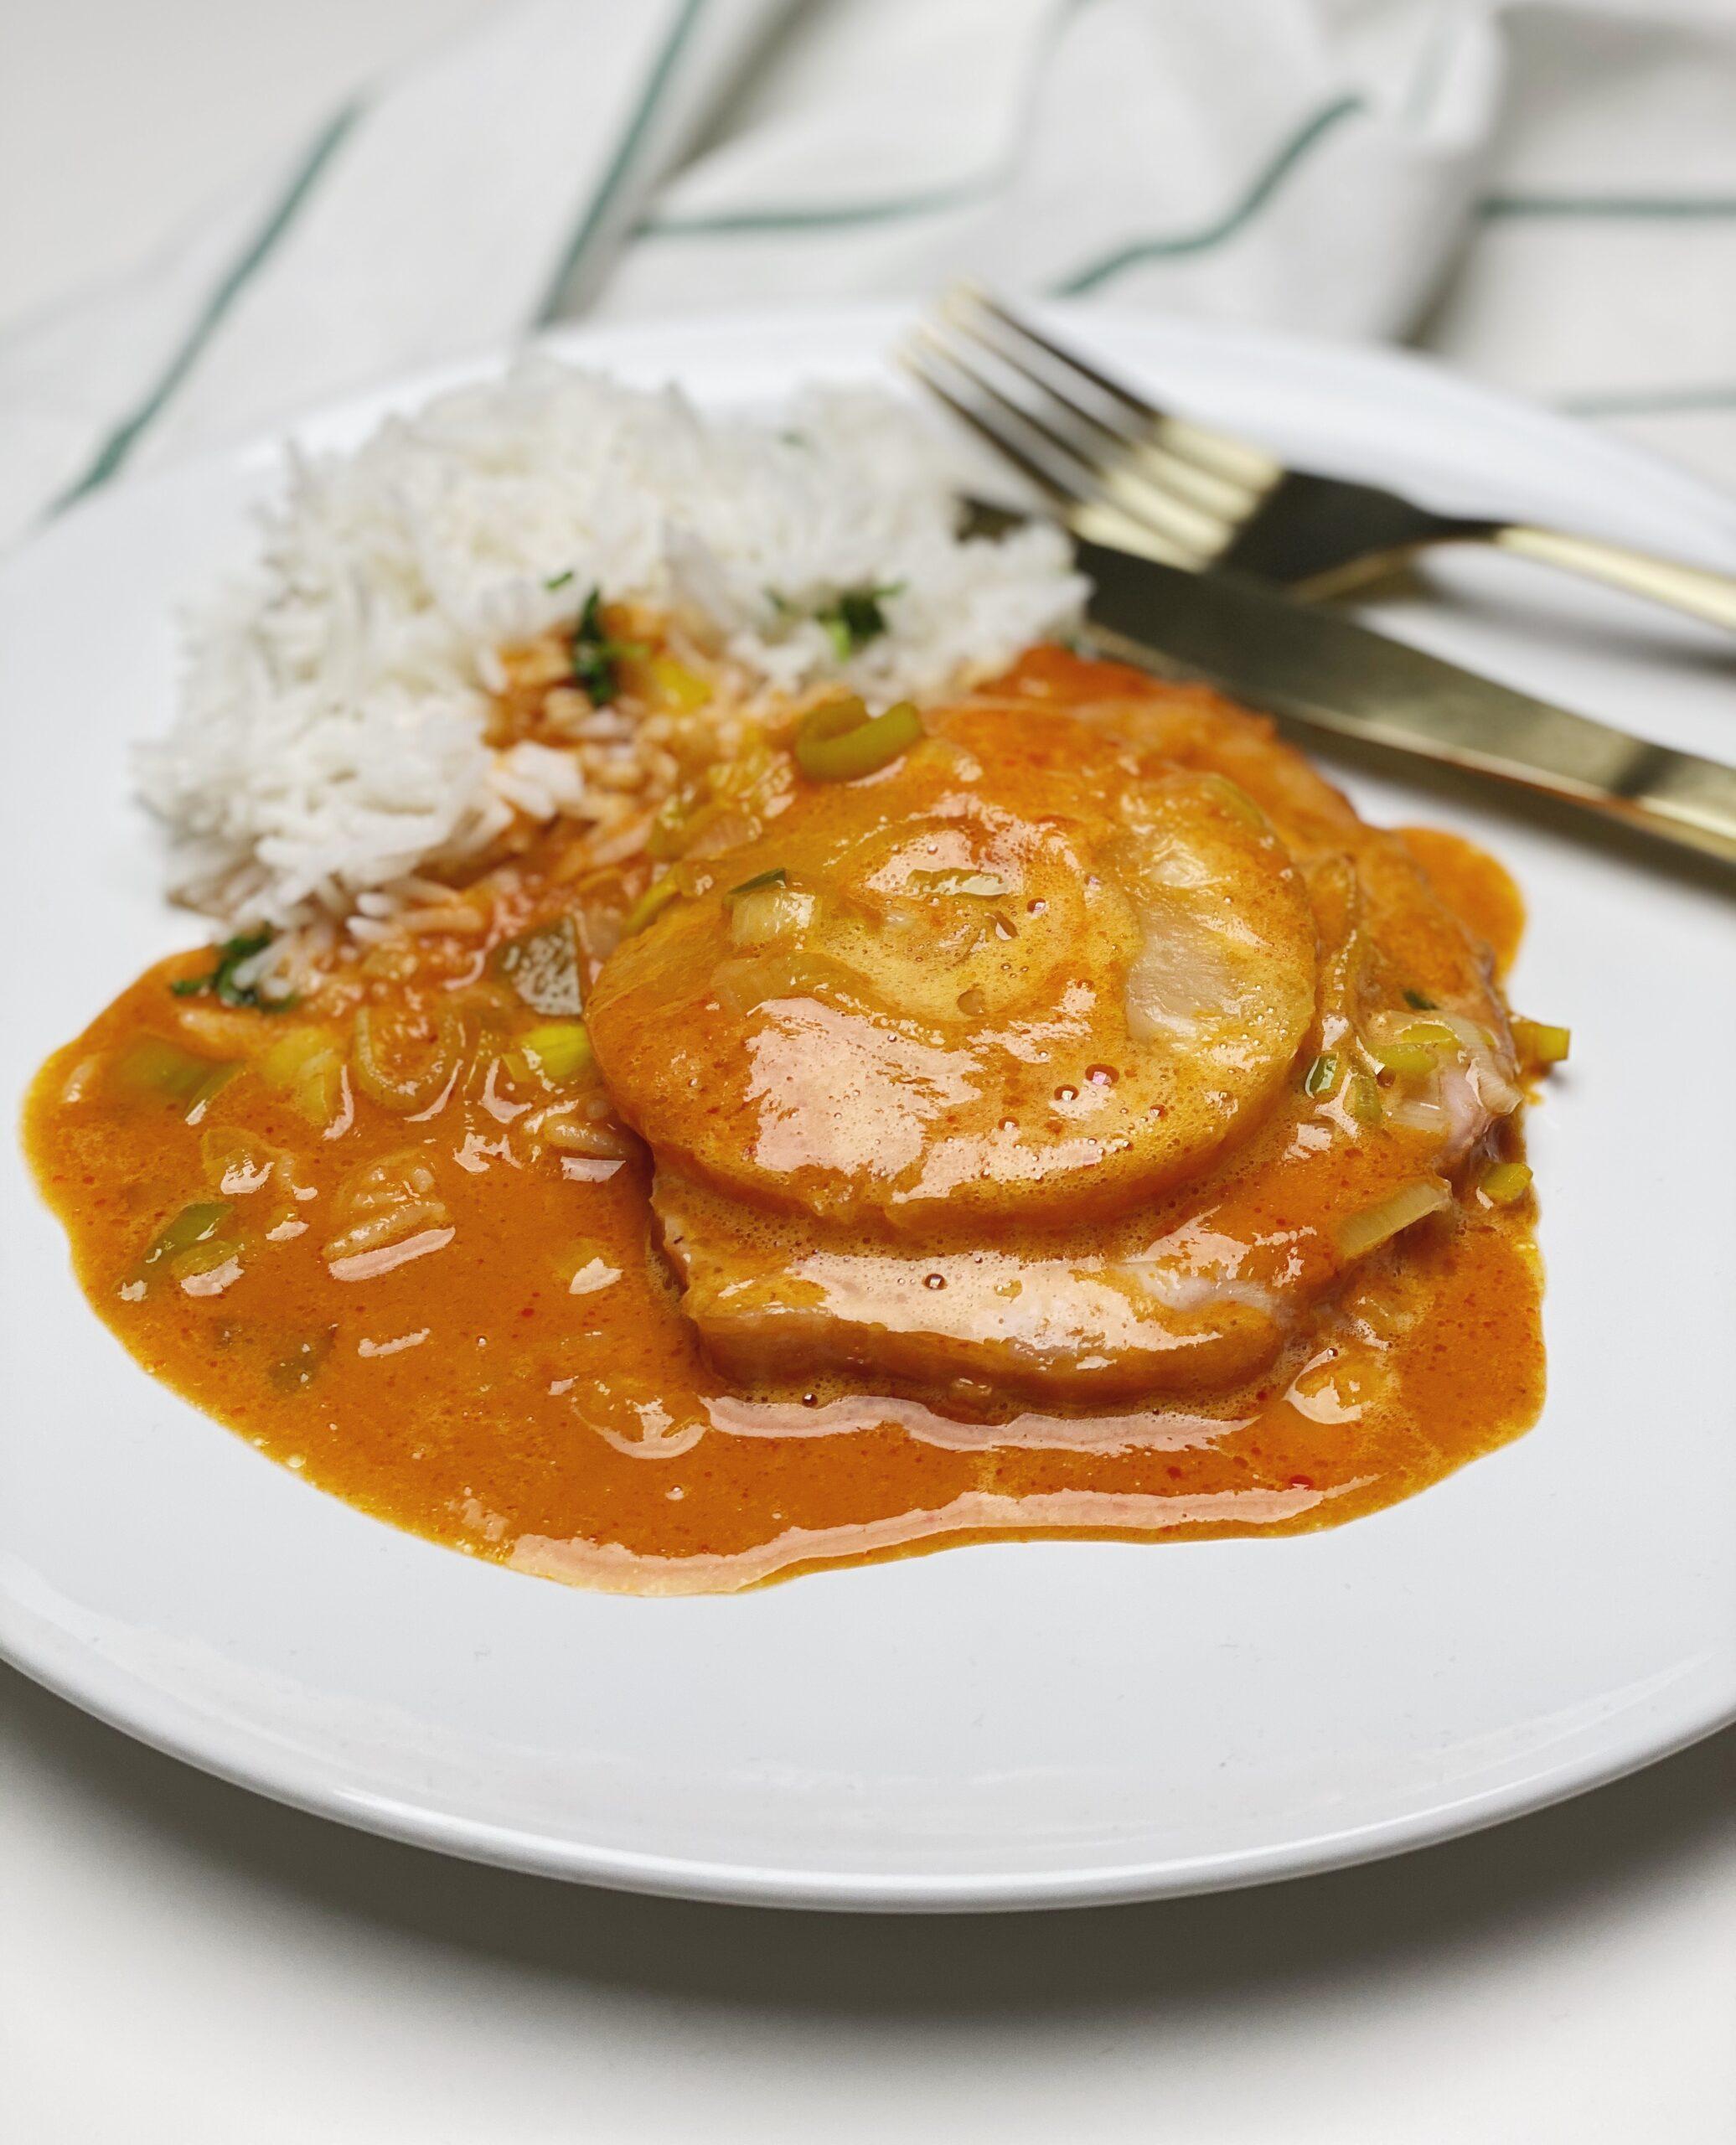 Hamburgerryg ala Hawaii anrettet på en tallerken med ris